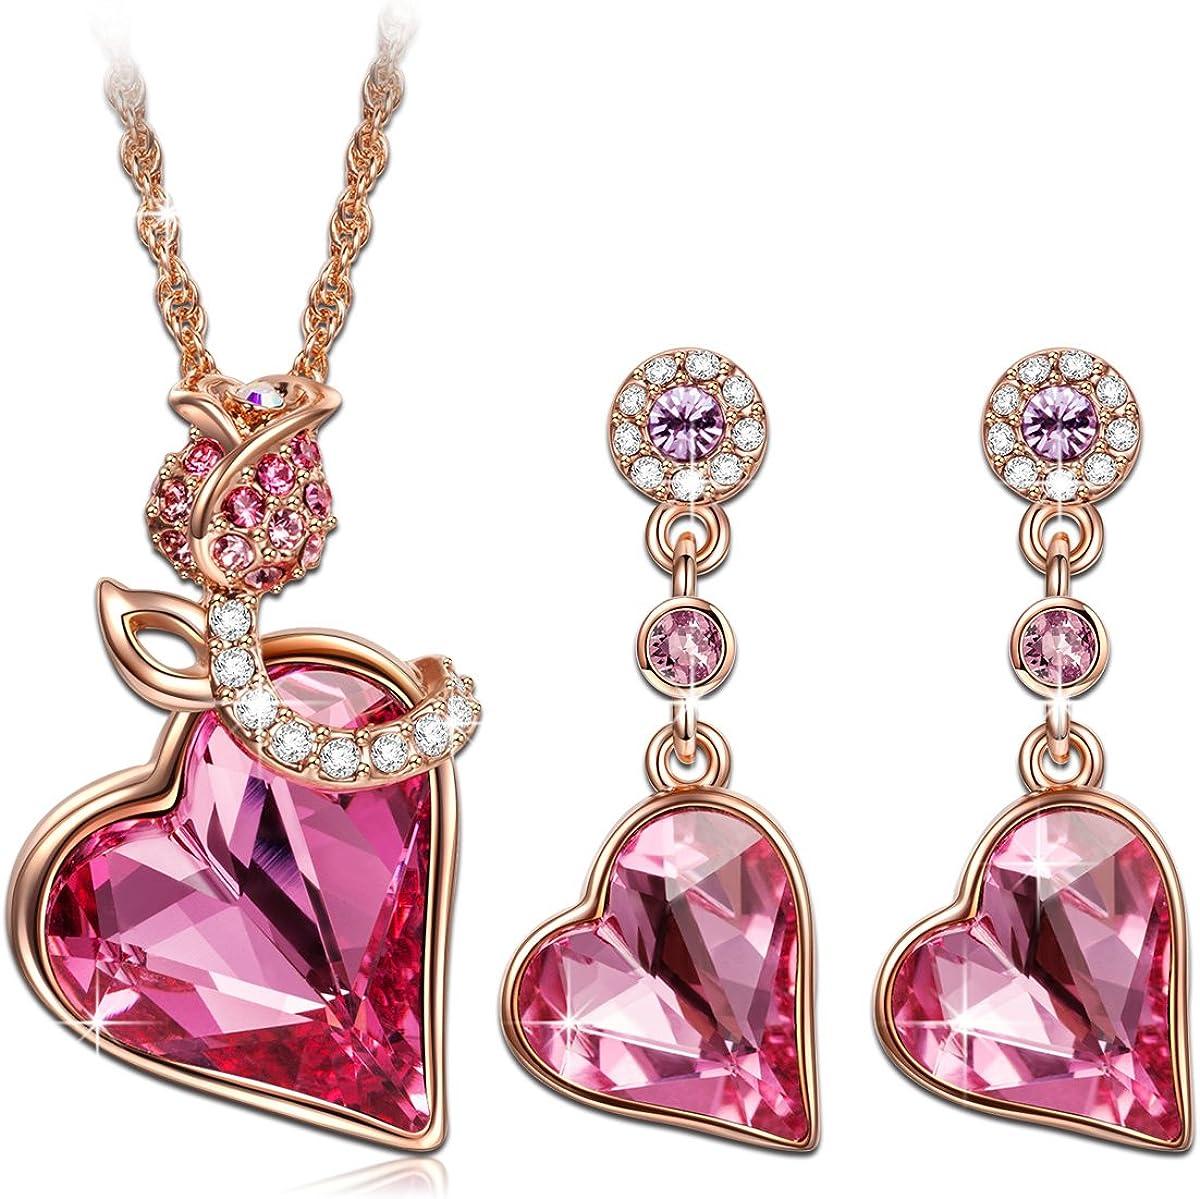 Kami Idea Conjunto de Joyería, Citas Rosadas, Pendientes y Collar, Chapados en Oro Rosa, Cristal Corazón Rosa de Swarovski, Embalaje de Regalo, Regalos para Mamá